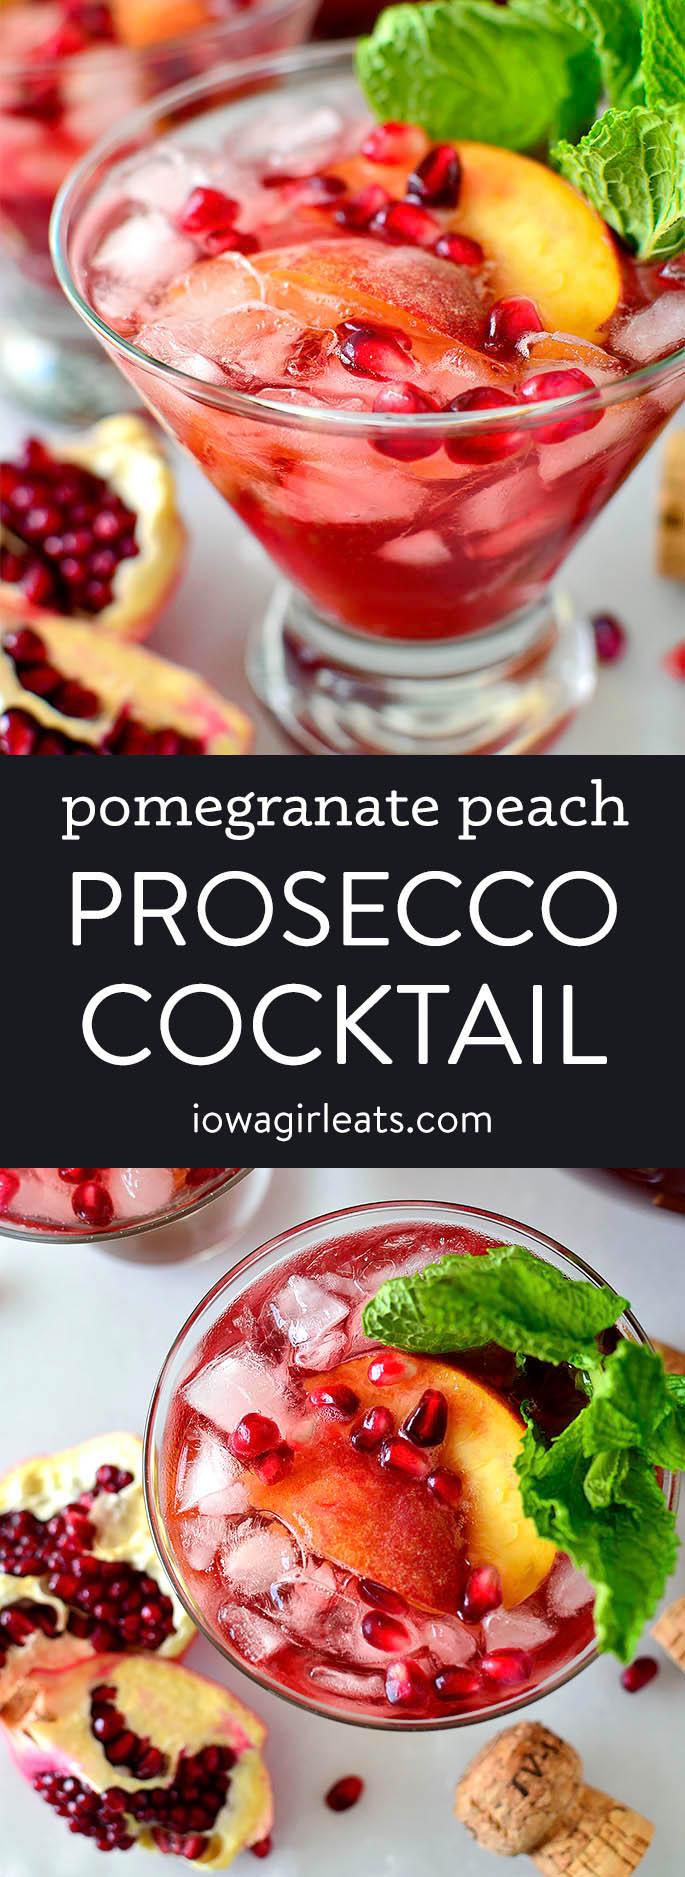 Photo collage of Pomegranate Peach Prosecco Cocktail